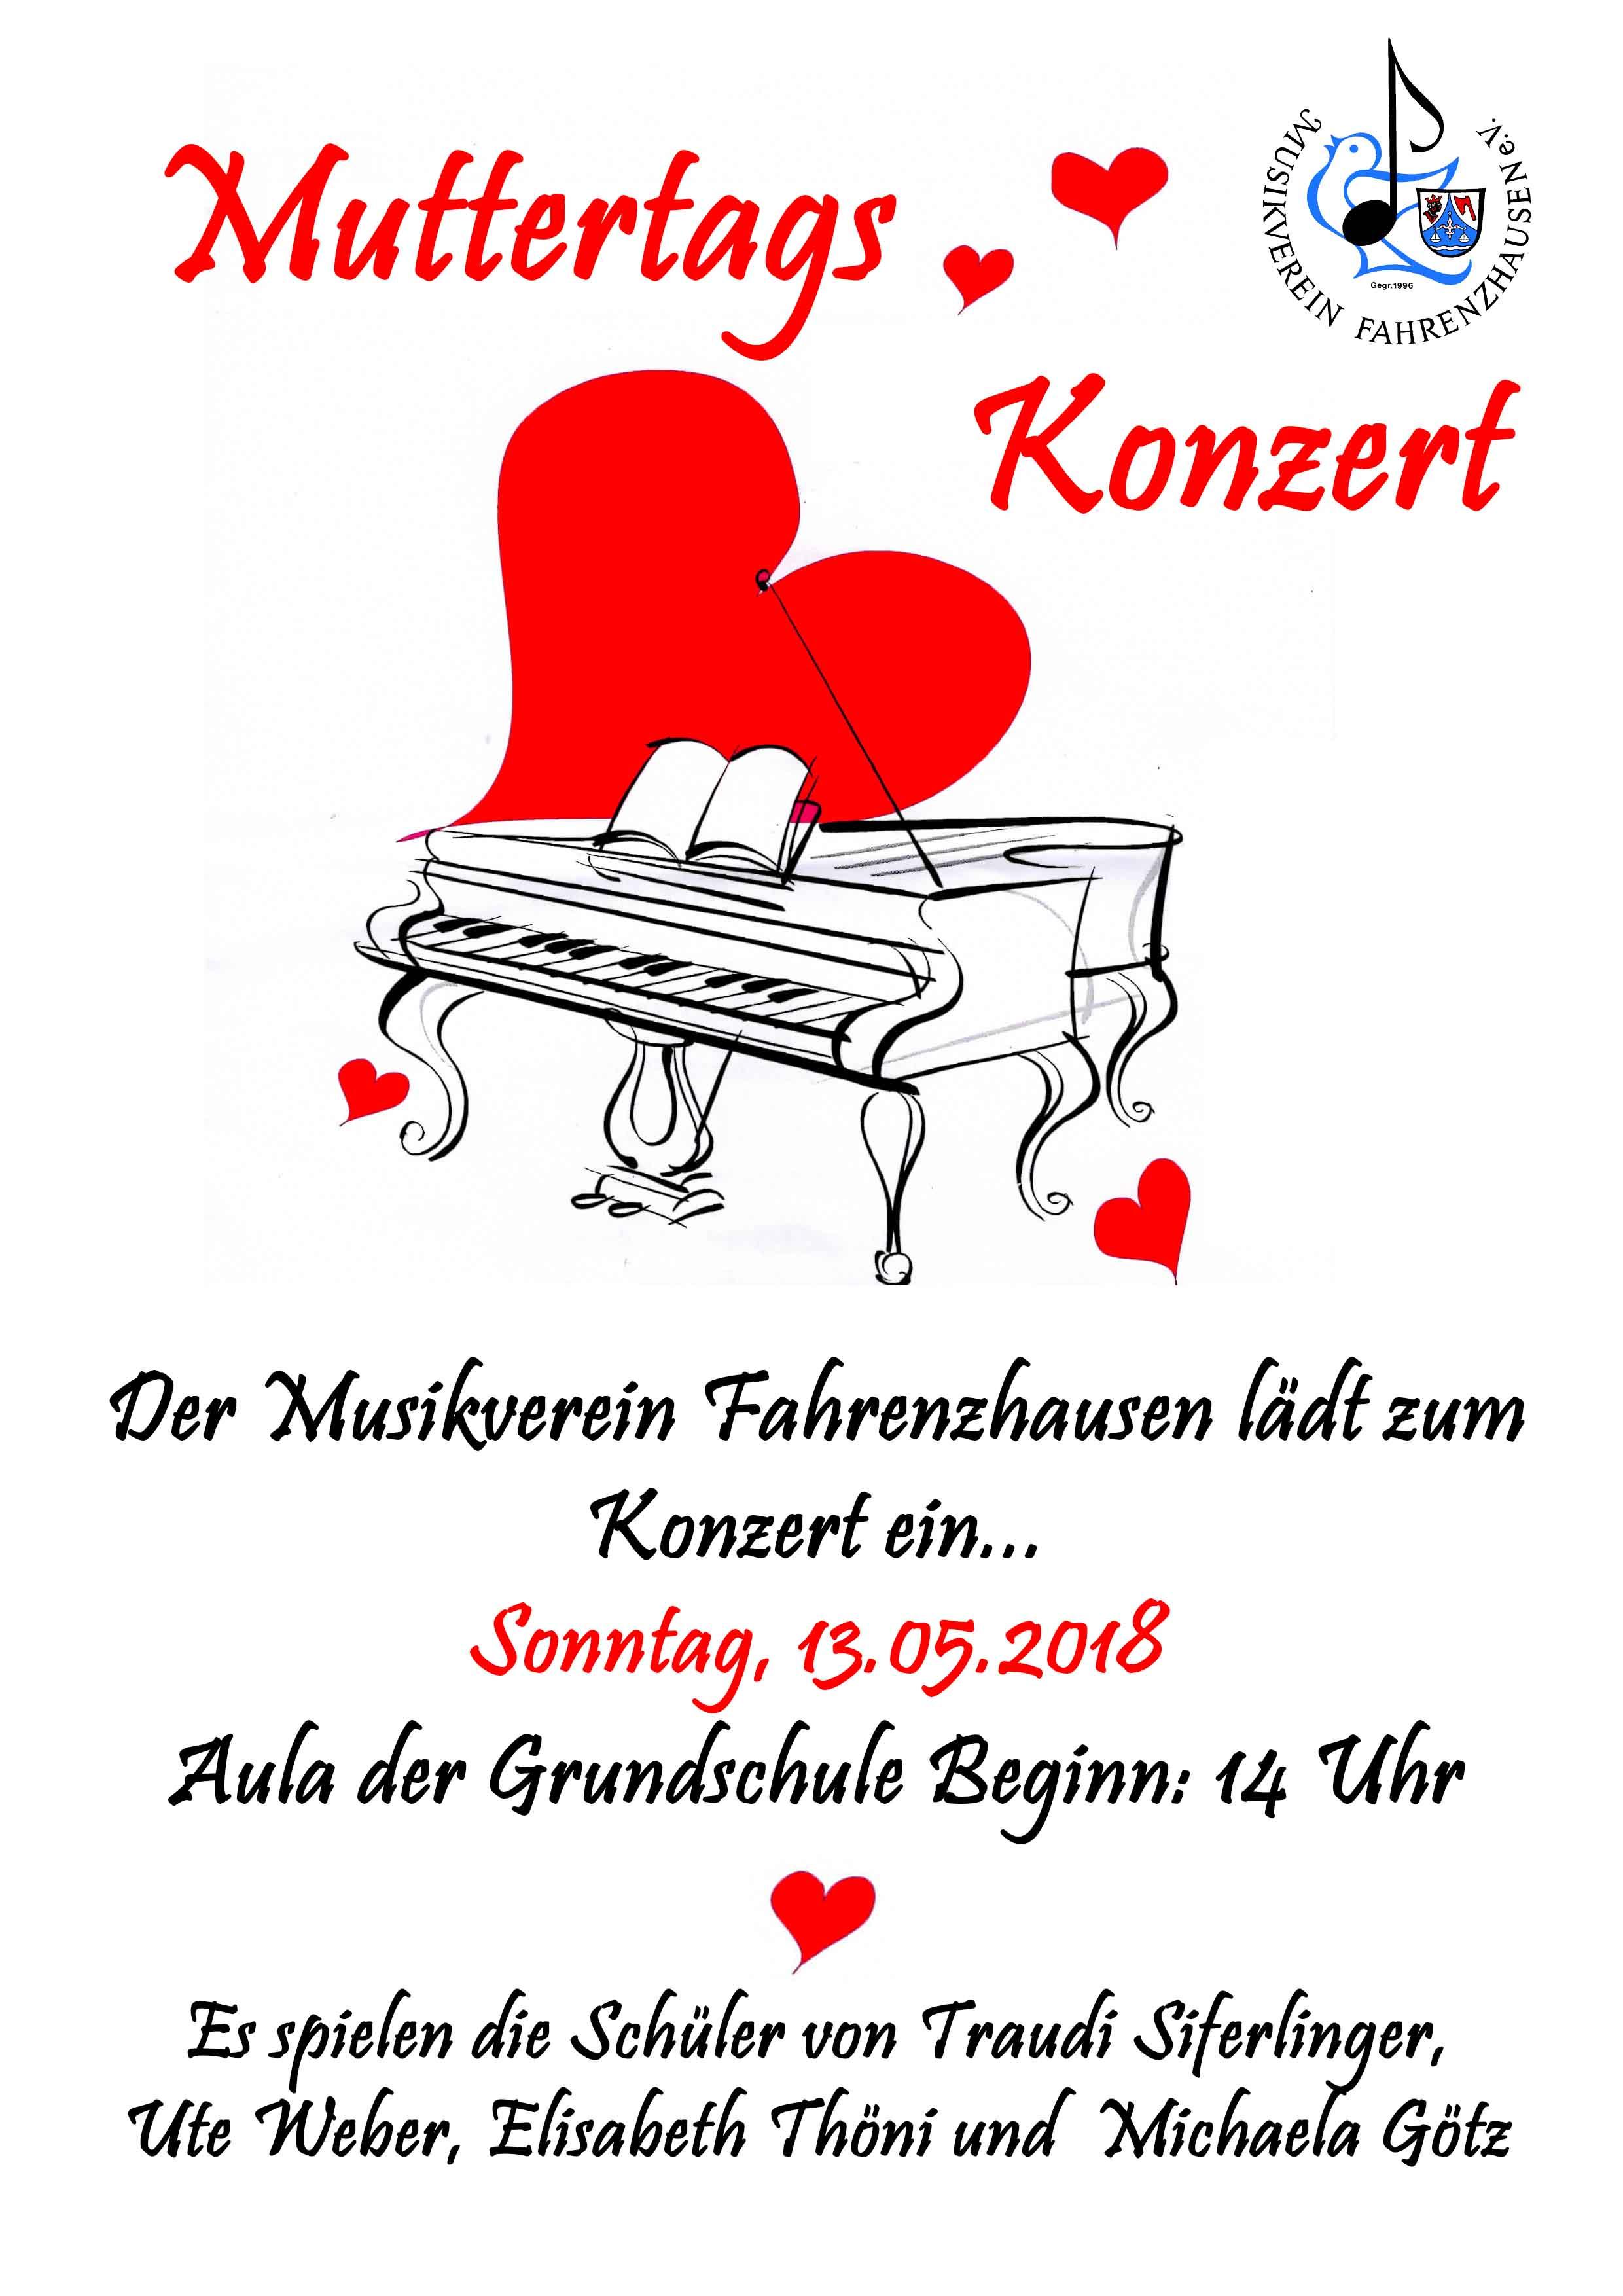 Muttertagskonzert @ Grundschule Fahrenzhausen | Fahrenzhausen | Bayern | Deutschland